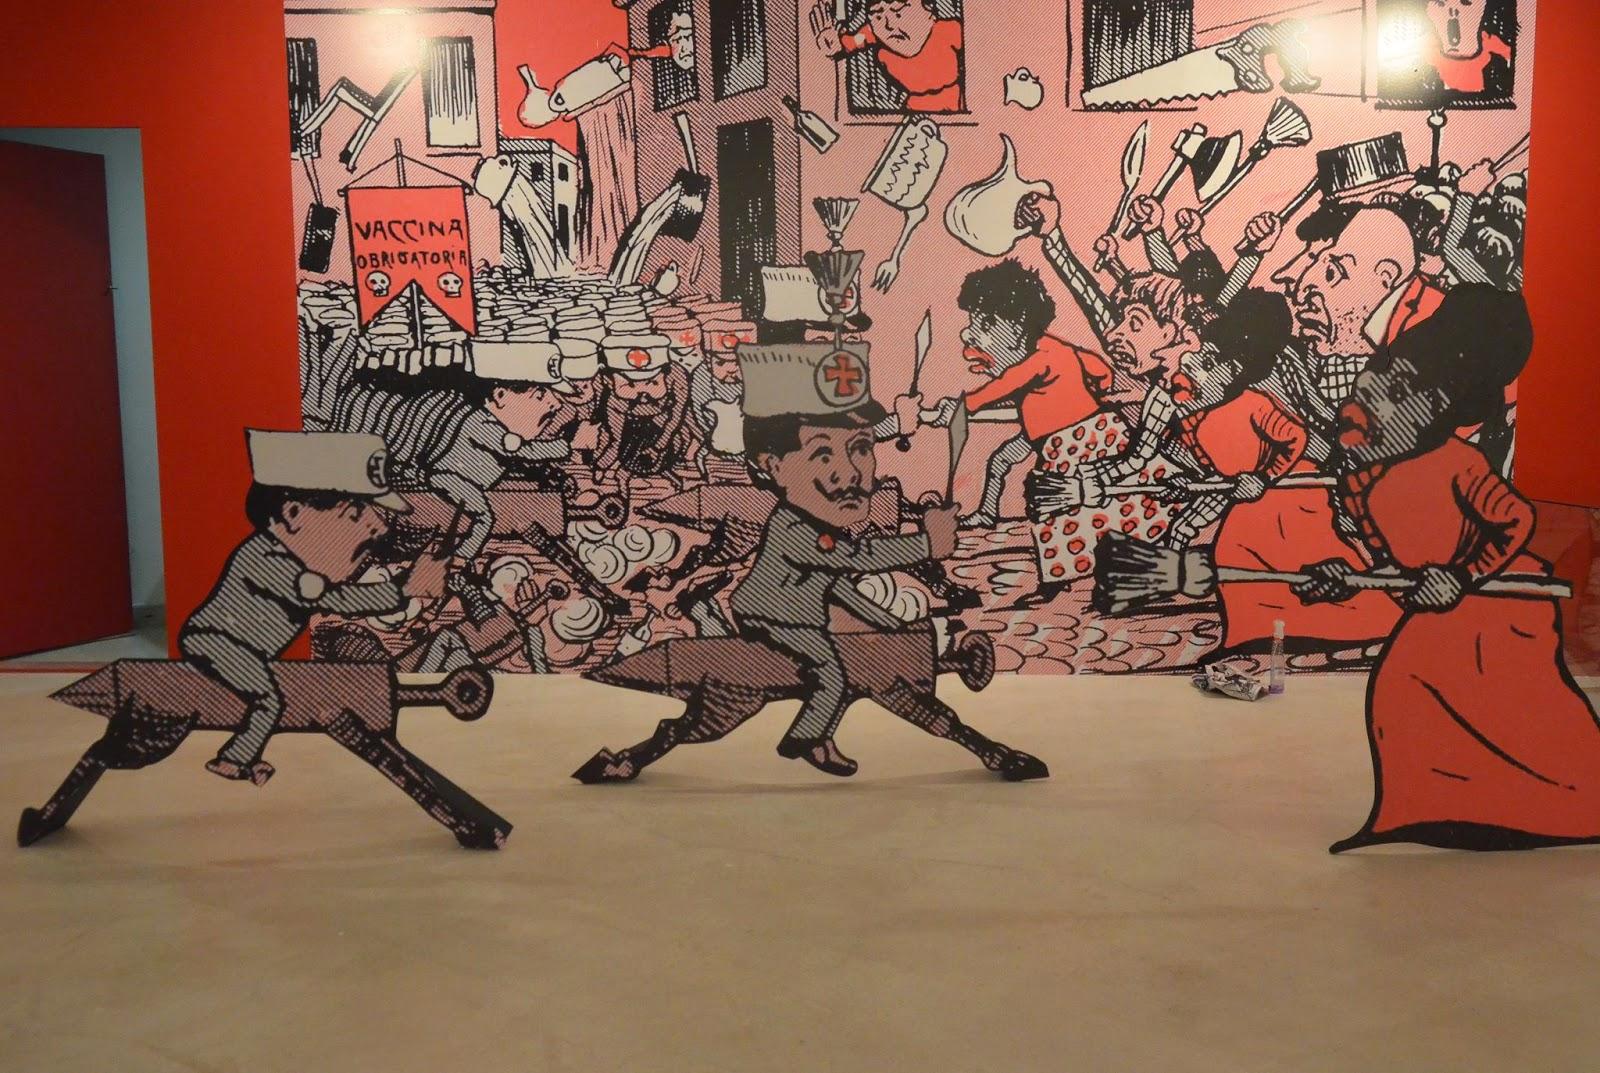 Charge representando a população revoltada com a obrigação de vacinar imposta pelo governo, direto de frases de Sun Tzu e d'A Arte da Guerra.